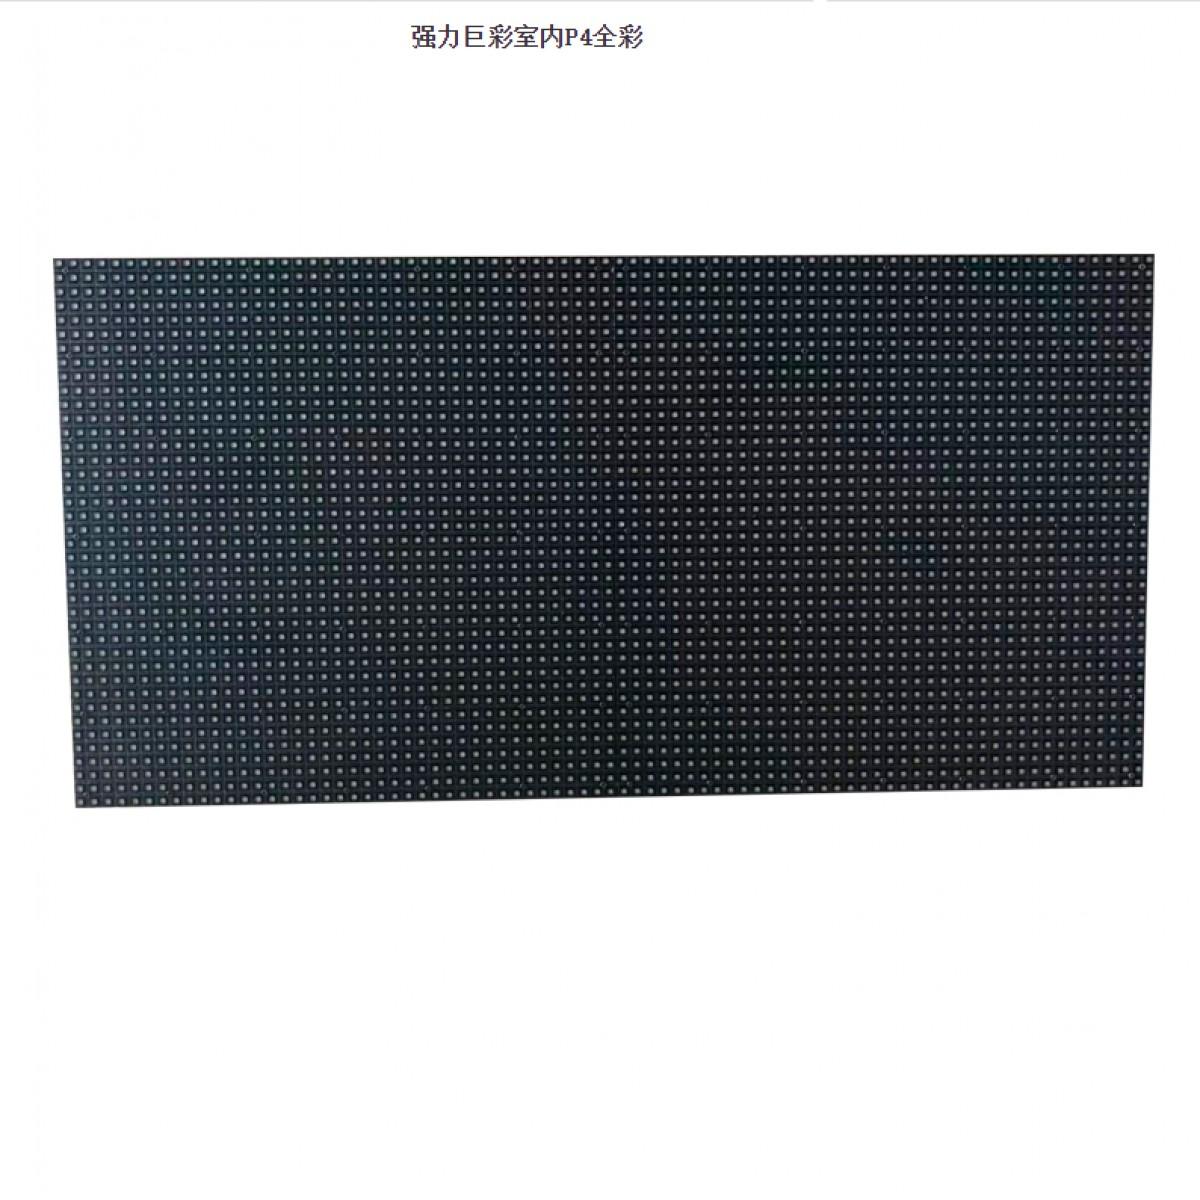 室内P4.75单色单板分辨率64*32单板尺寸304*152扫描方式1/16